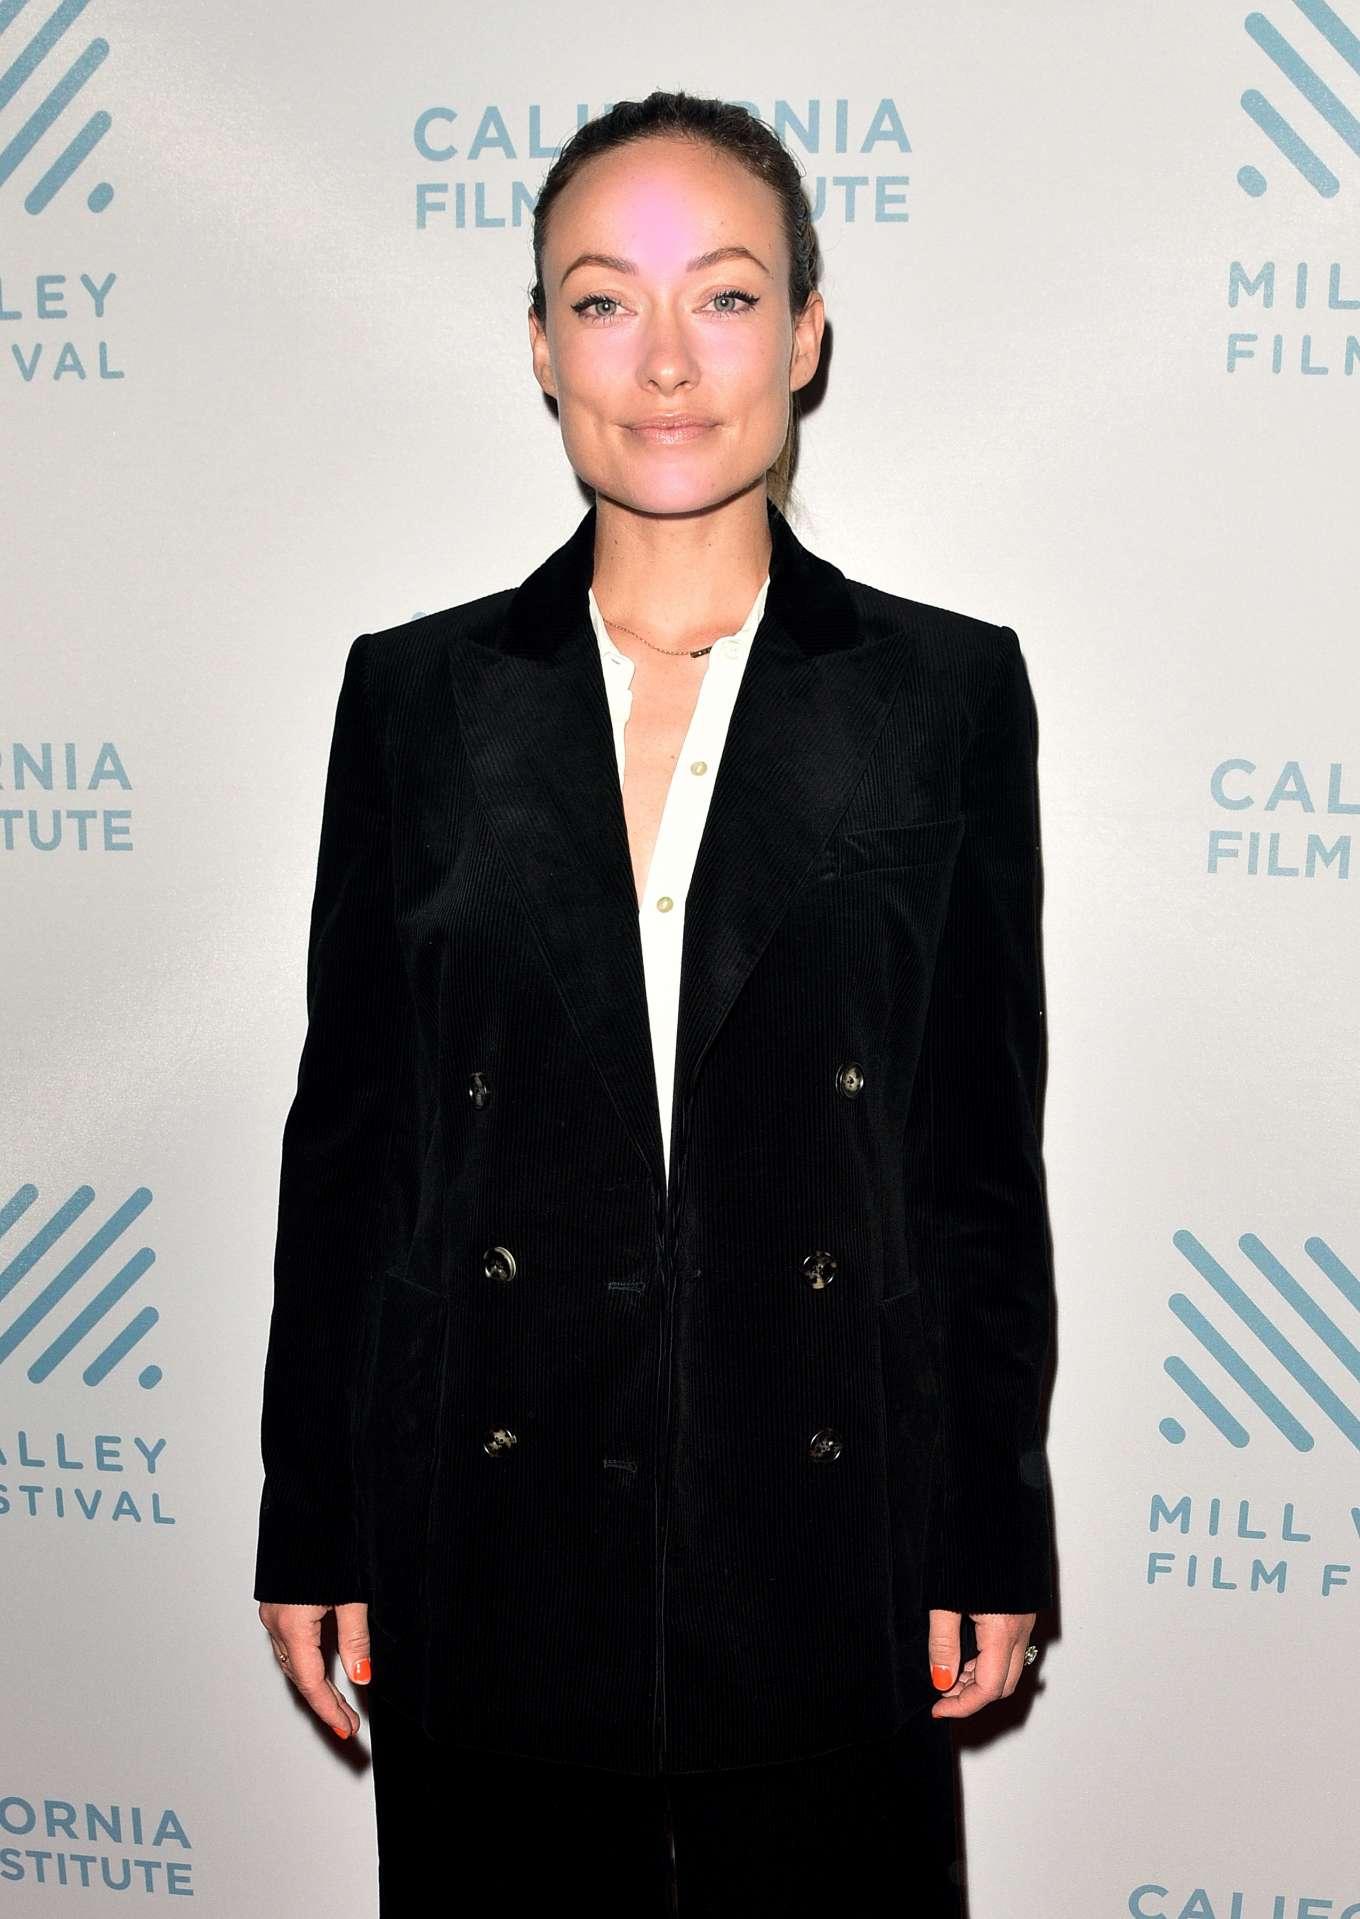 Olivia Wilde - 'Spotlight On Olivia Wilde' - 2019 Mill Valley Film Festival